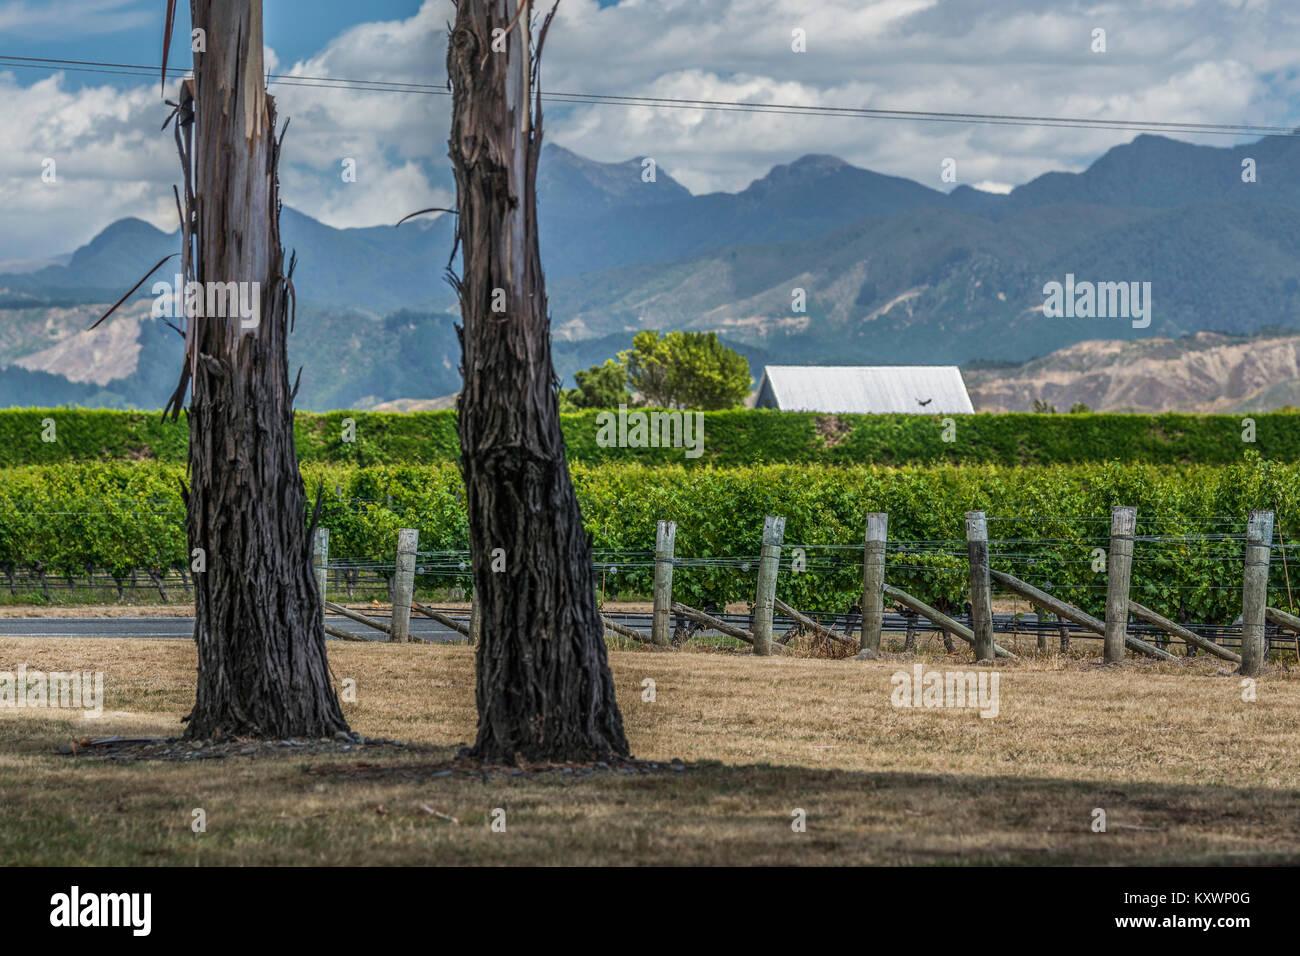 Die Weinberge von Marlborough, Neuseeland Stockbild